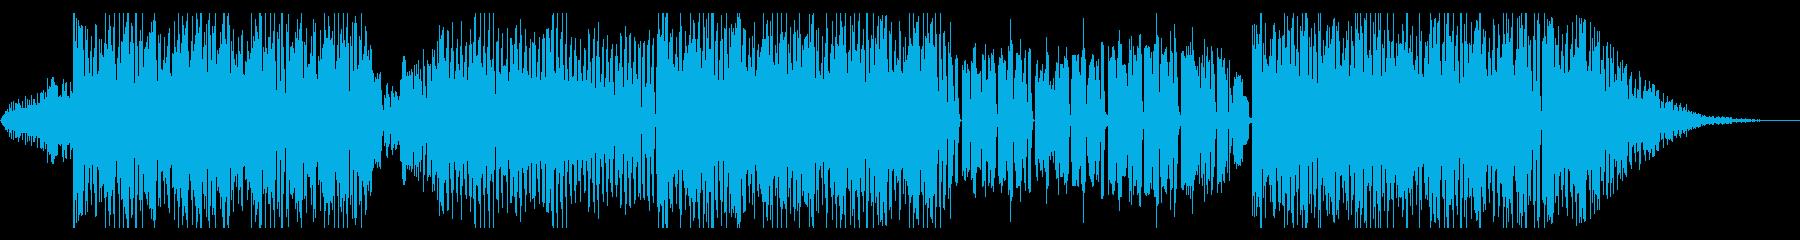 音楽ゲーム風ポップでアップテンポな曲ですの再生済みの波形